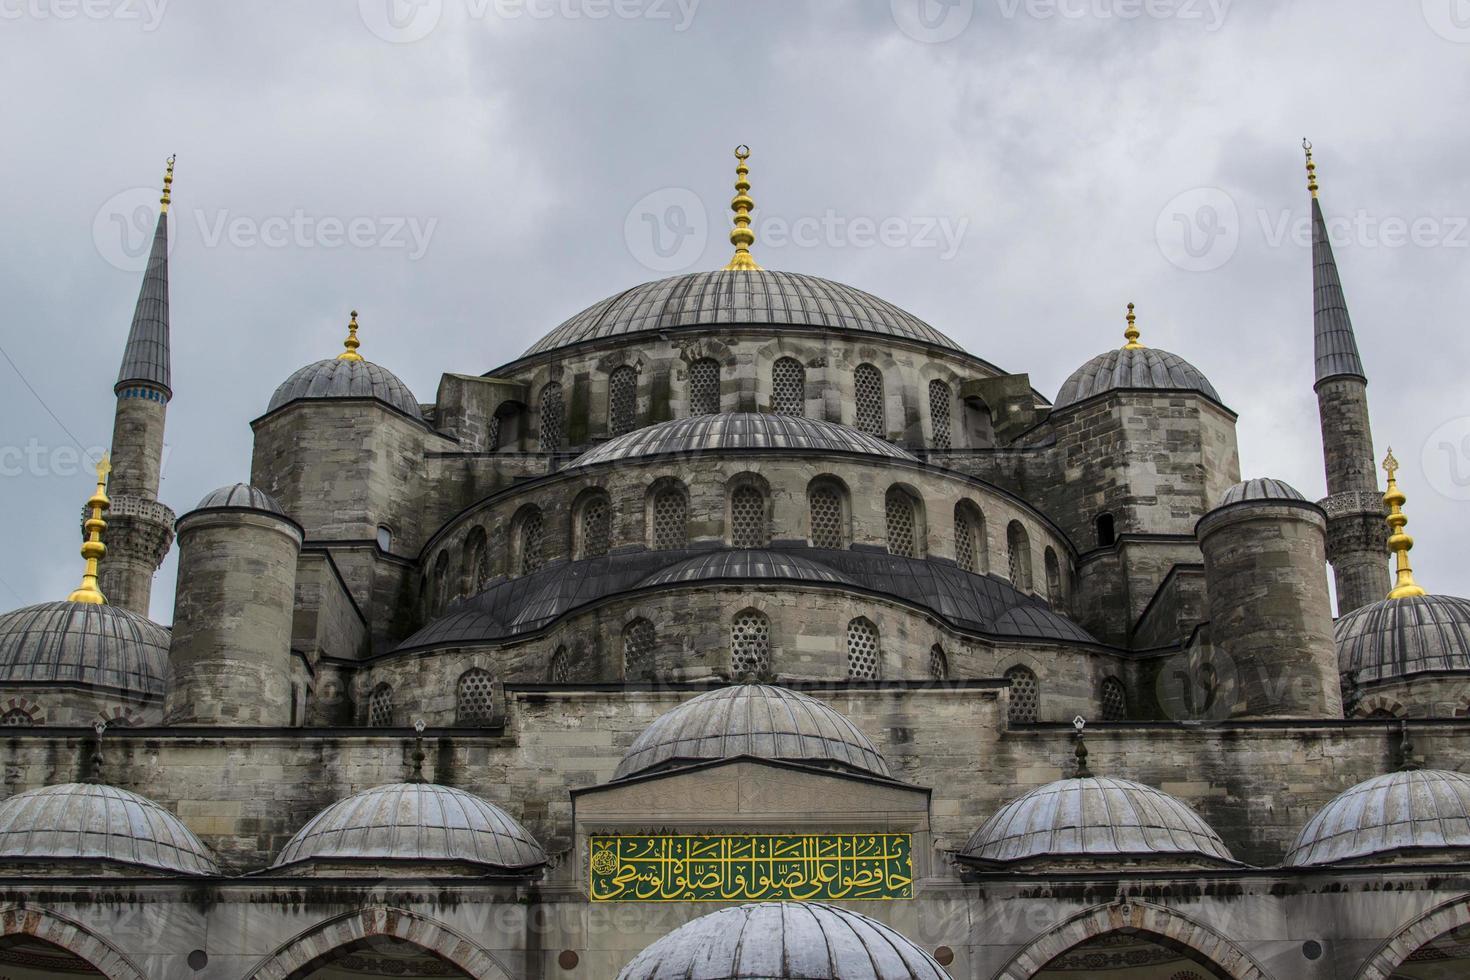 sultan ahmed moské i istanbul, Turkiet foto